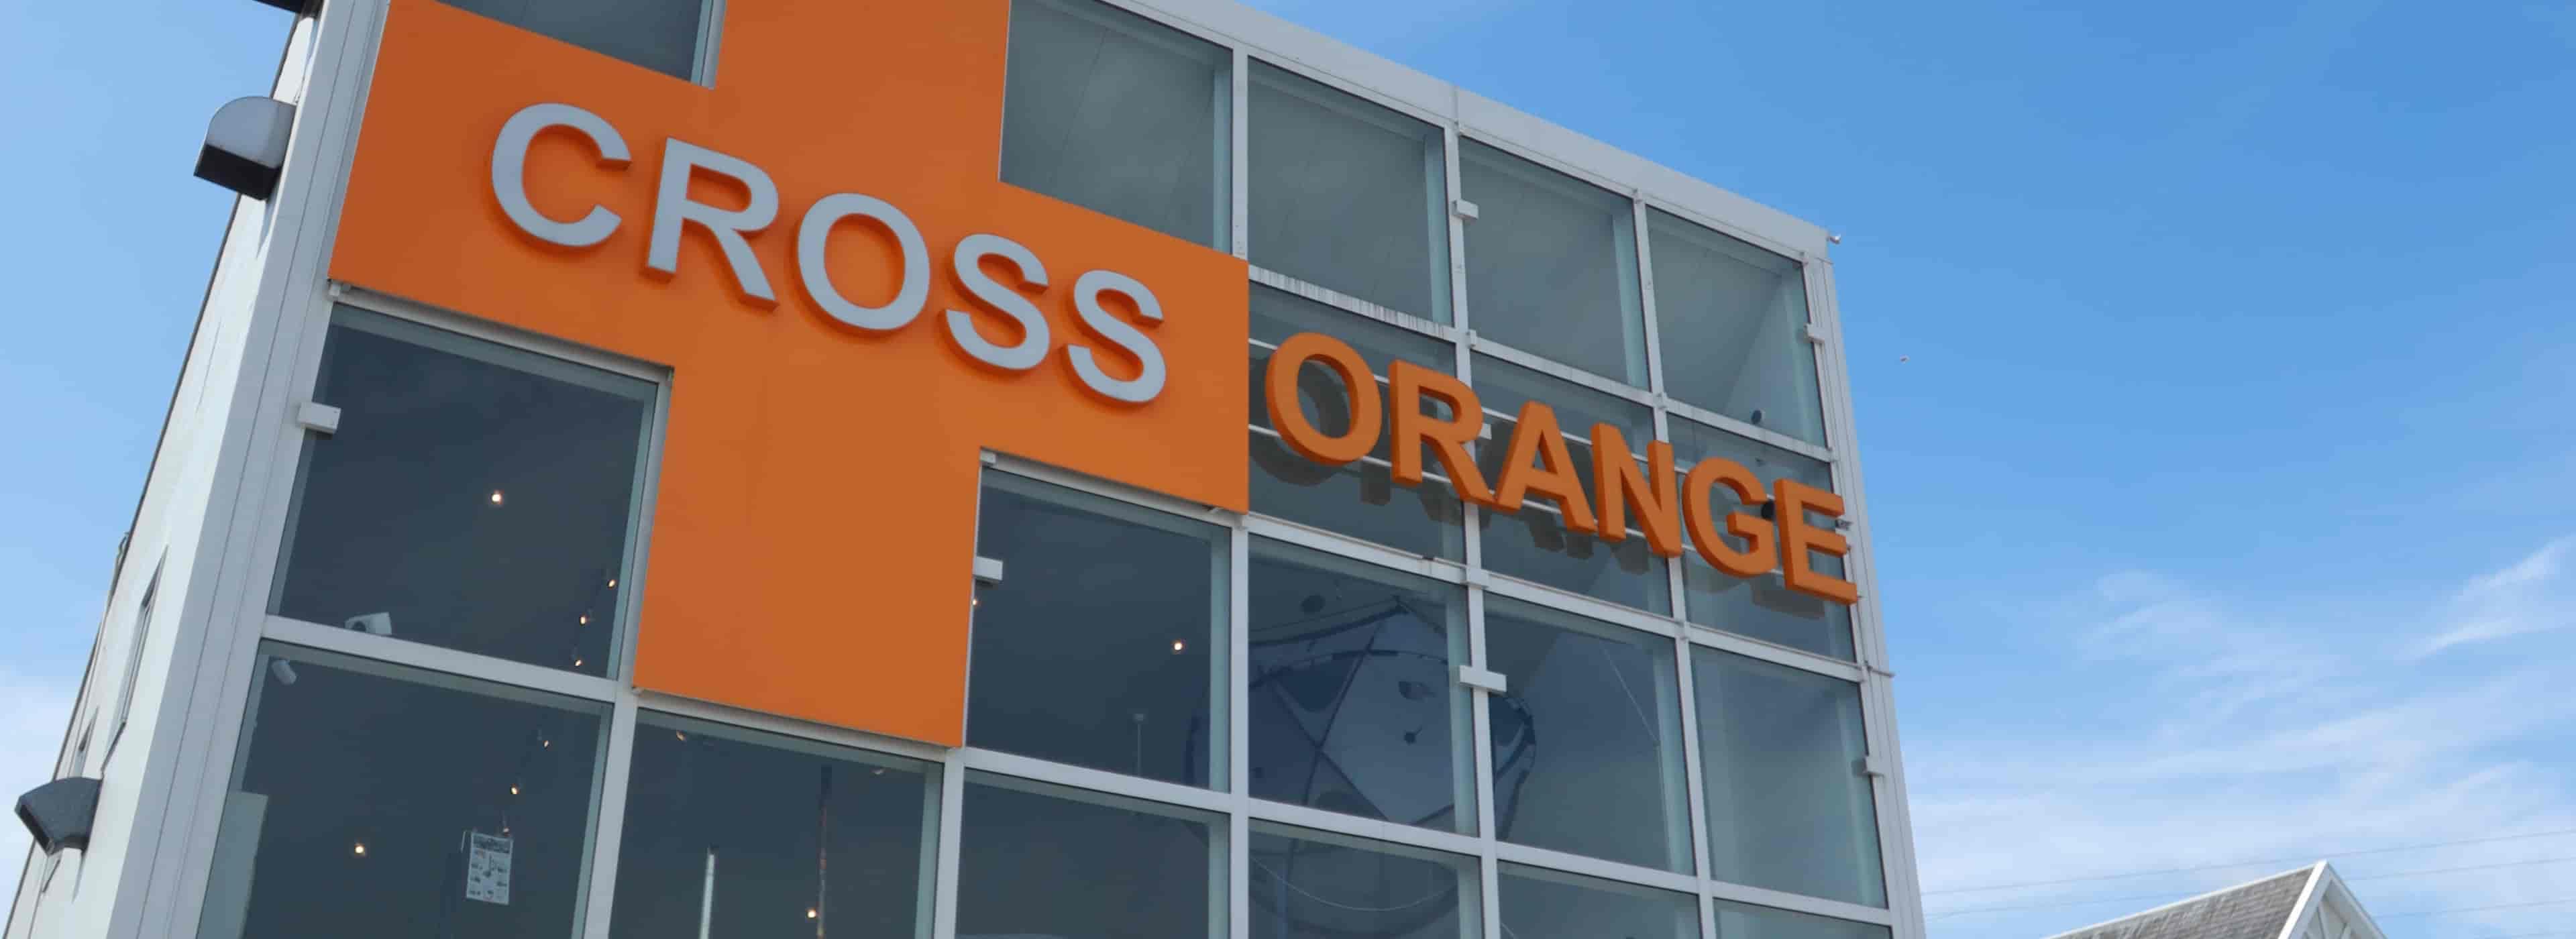 クロスオレンジイメージ画像